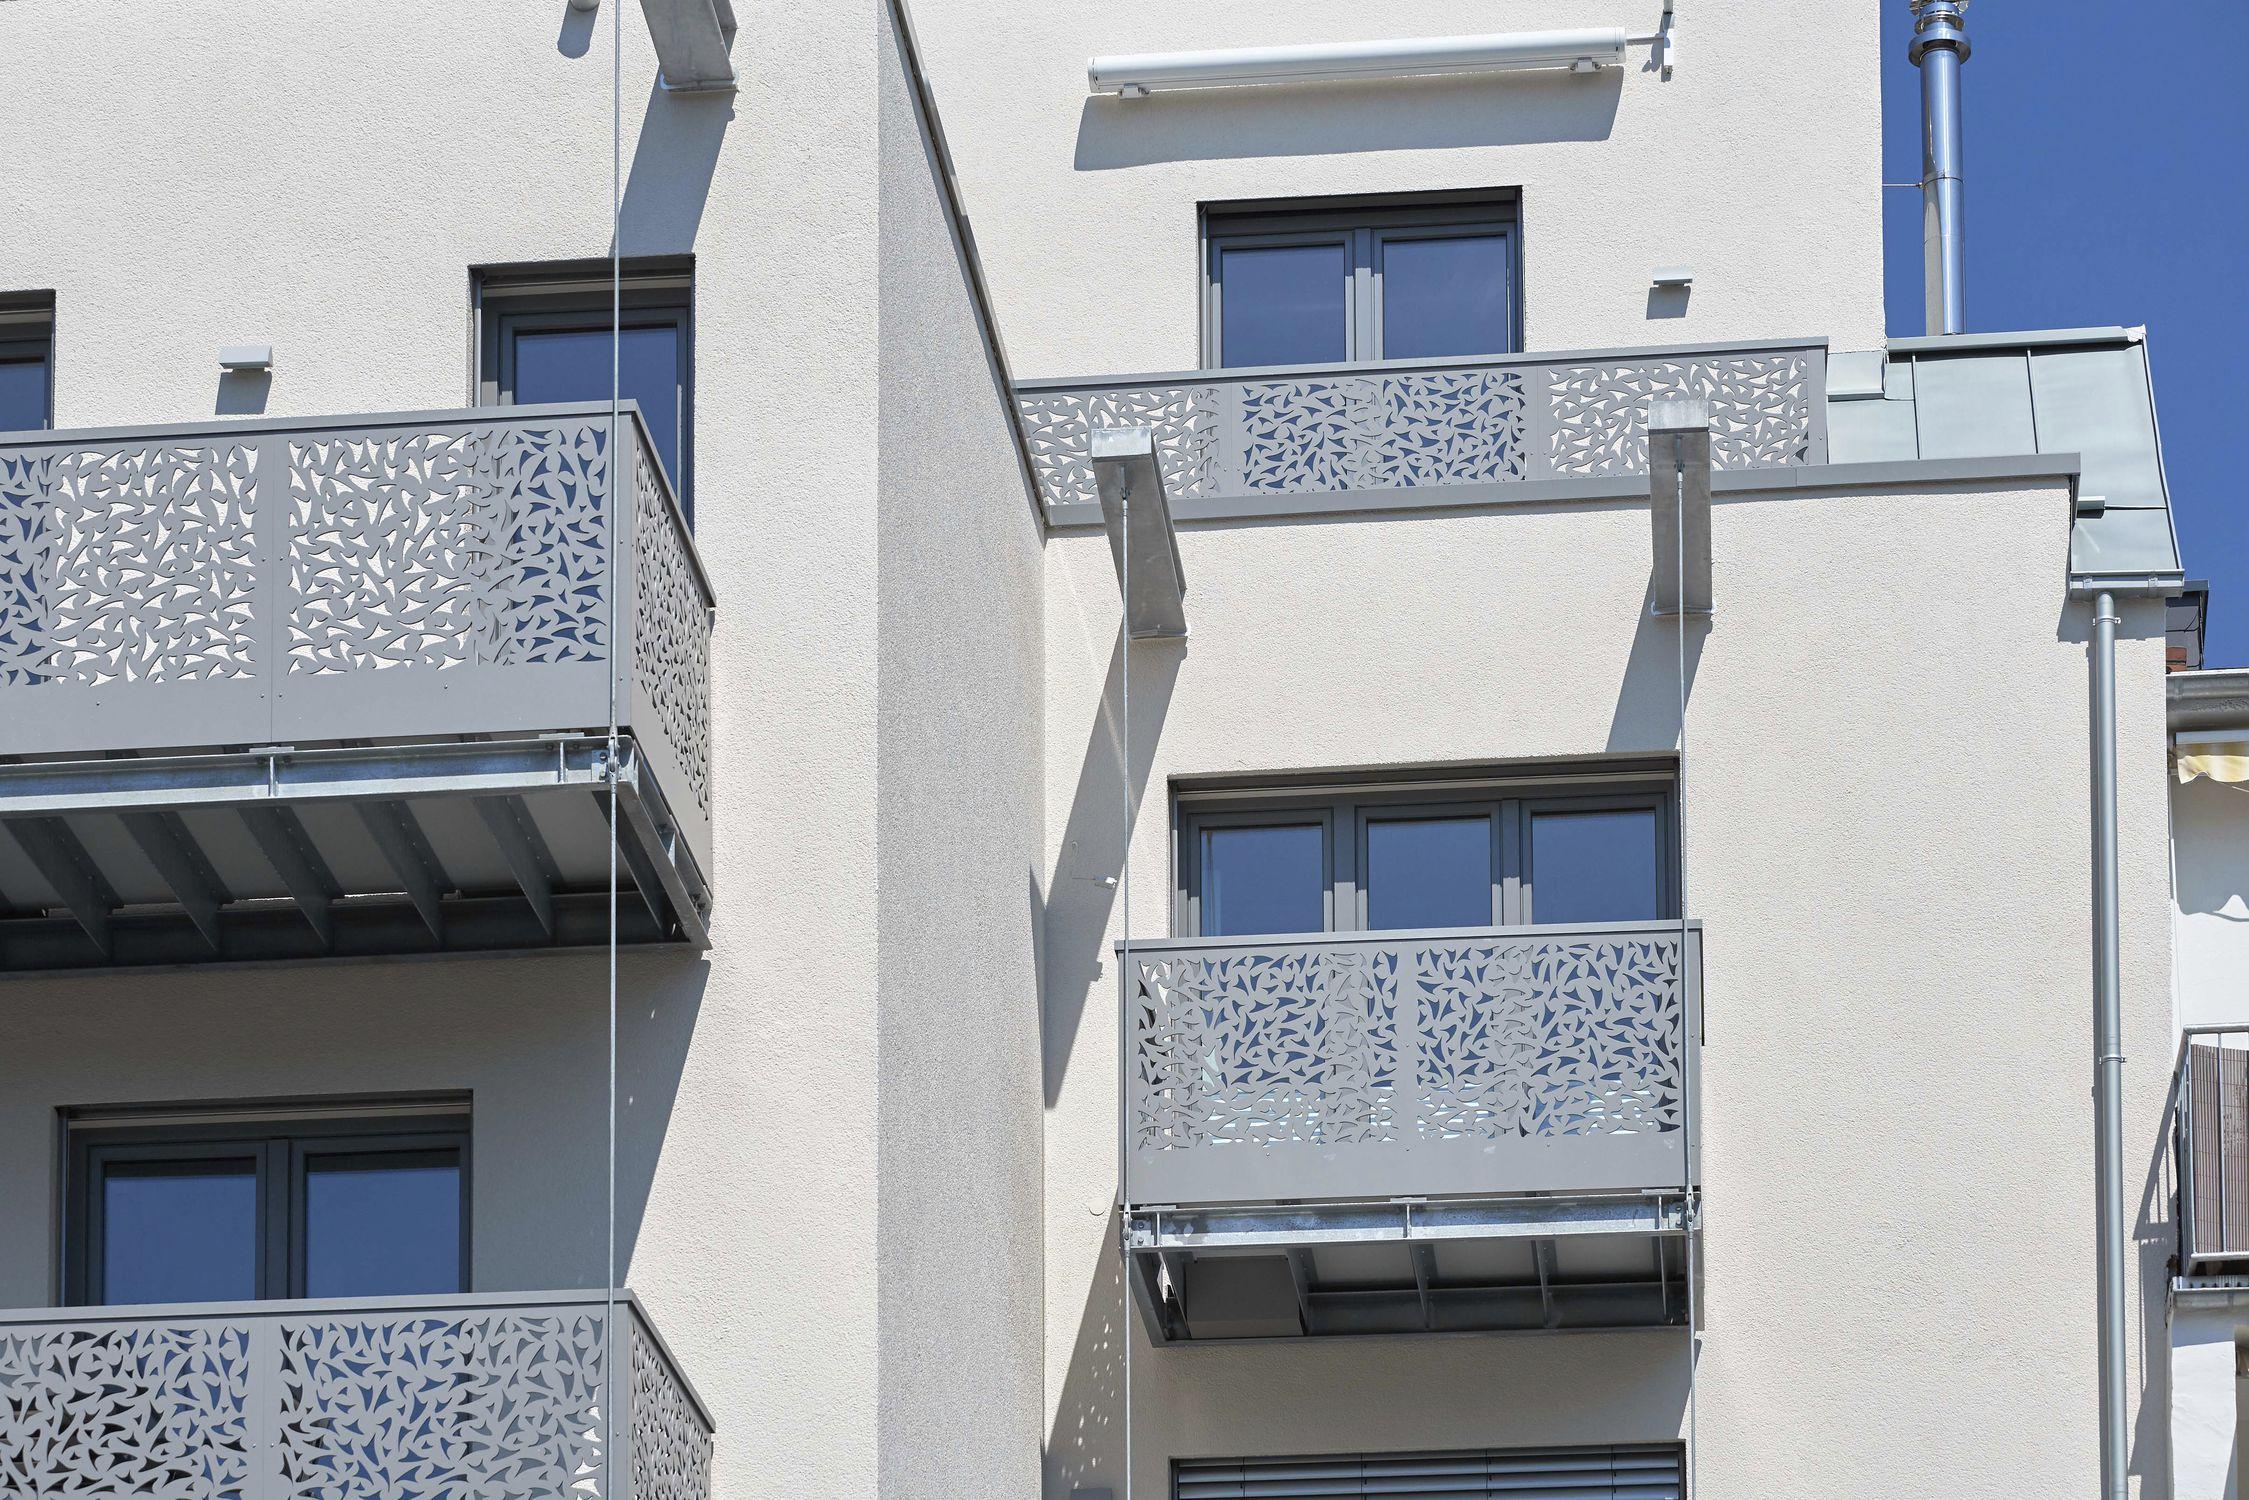 Hpl Geländer Platten Außenbereich Für Balkon Bv Rheinland